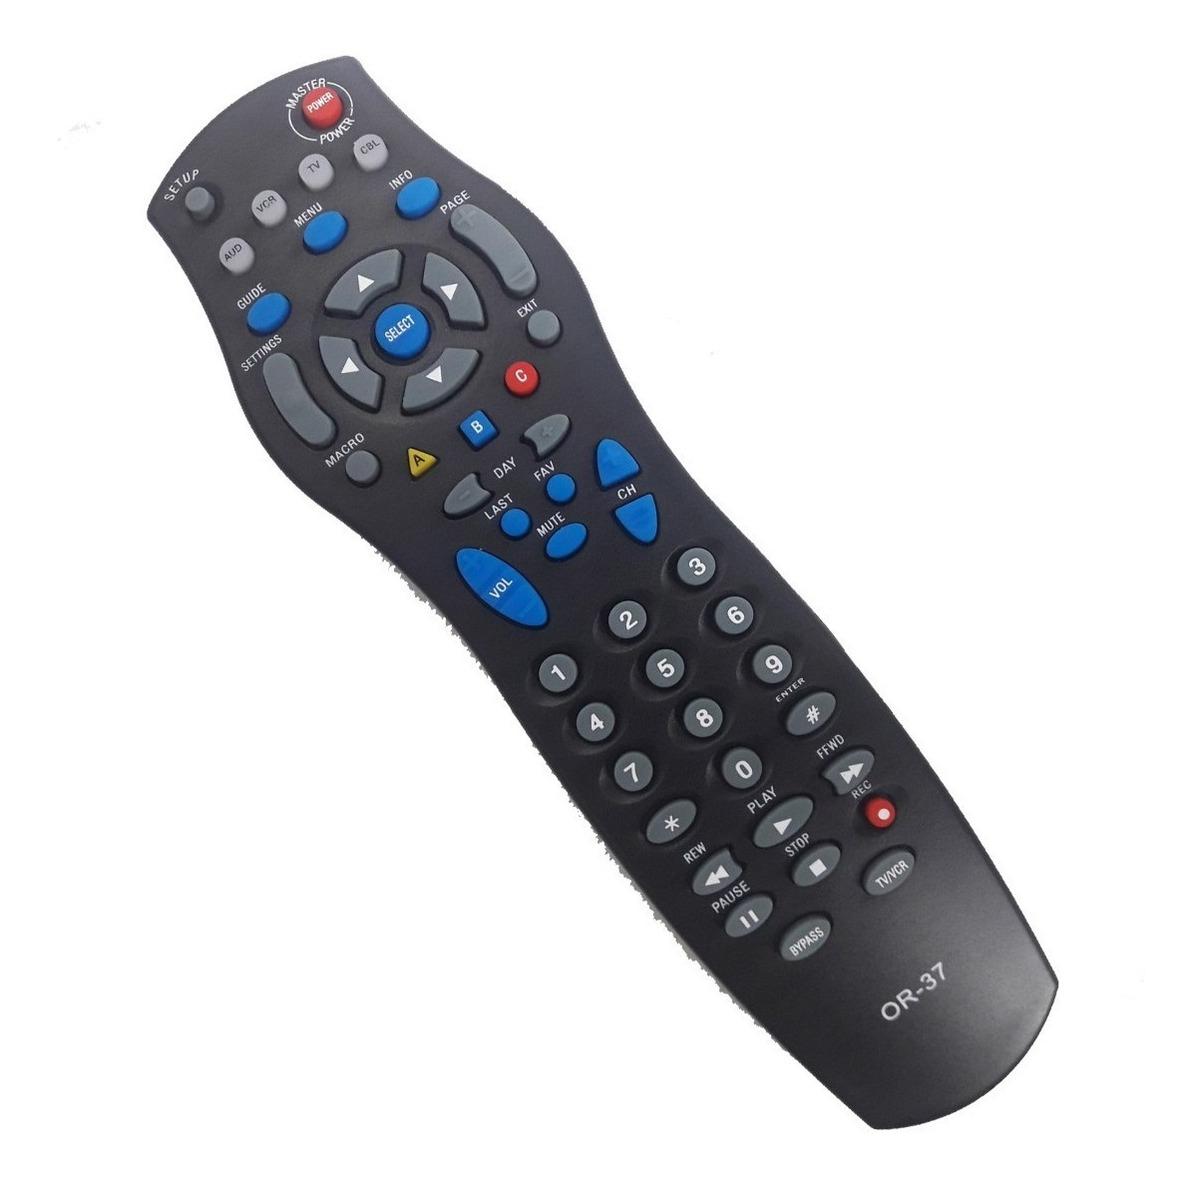 825c1c9769d control remoto gdi deco cablevision decodificador telecentro. Cargando zoom.